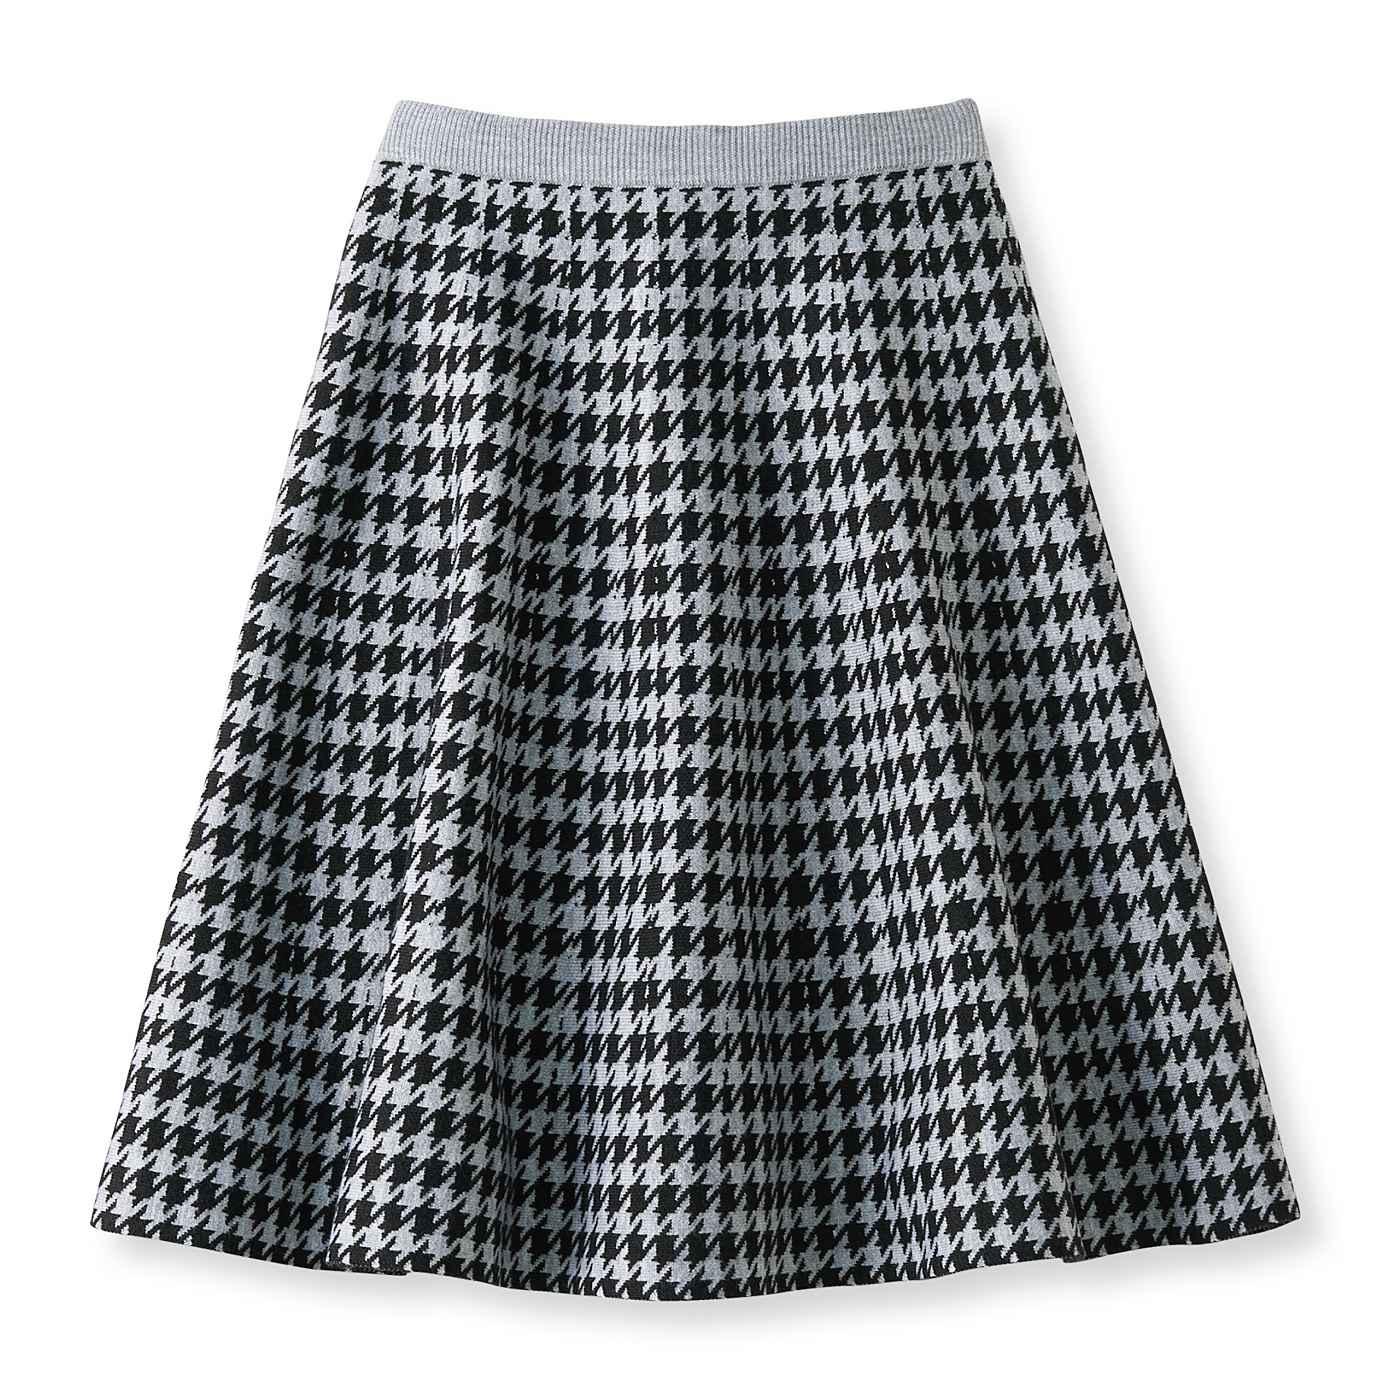 フェリシモ DRECO by IEDIT しわになりにくく着心地軽やか ツイードライクな知的柄ジャカードニットスカート〈千鳥柄〉